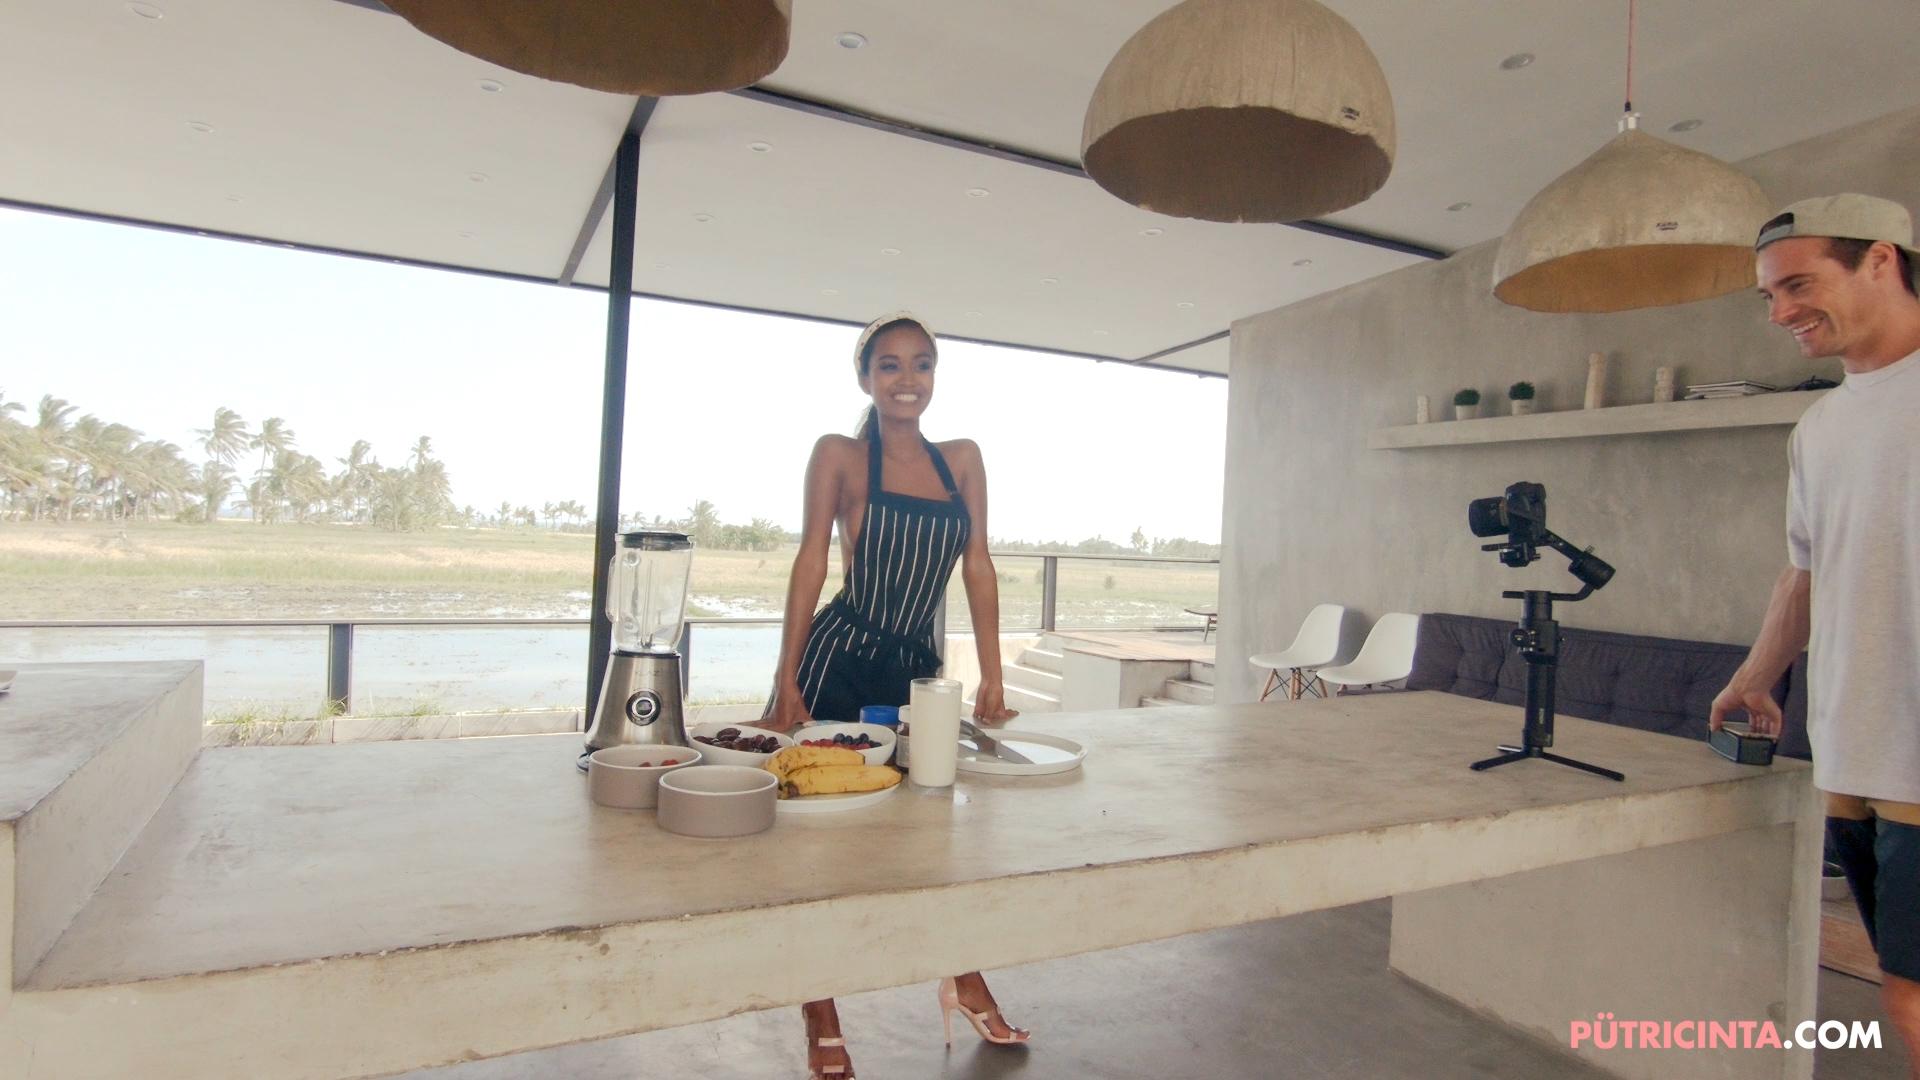 028-Putri-Cinta-Cooking-Class-bts-stills-14.jpg